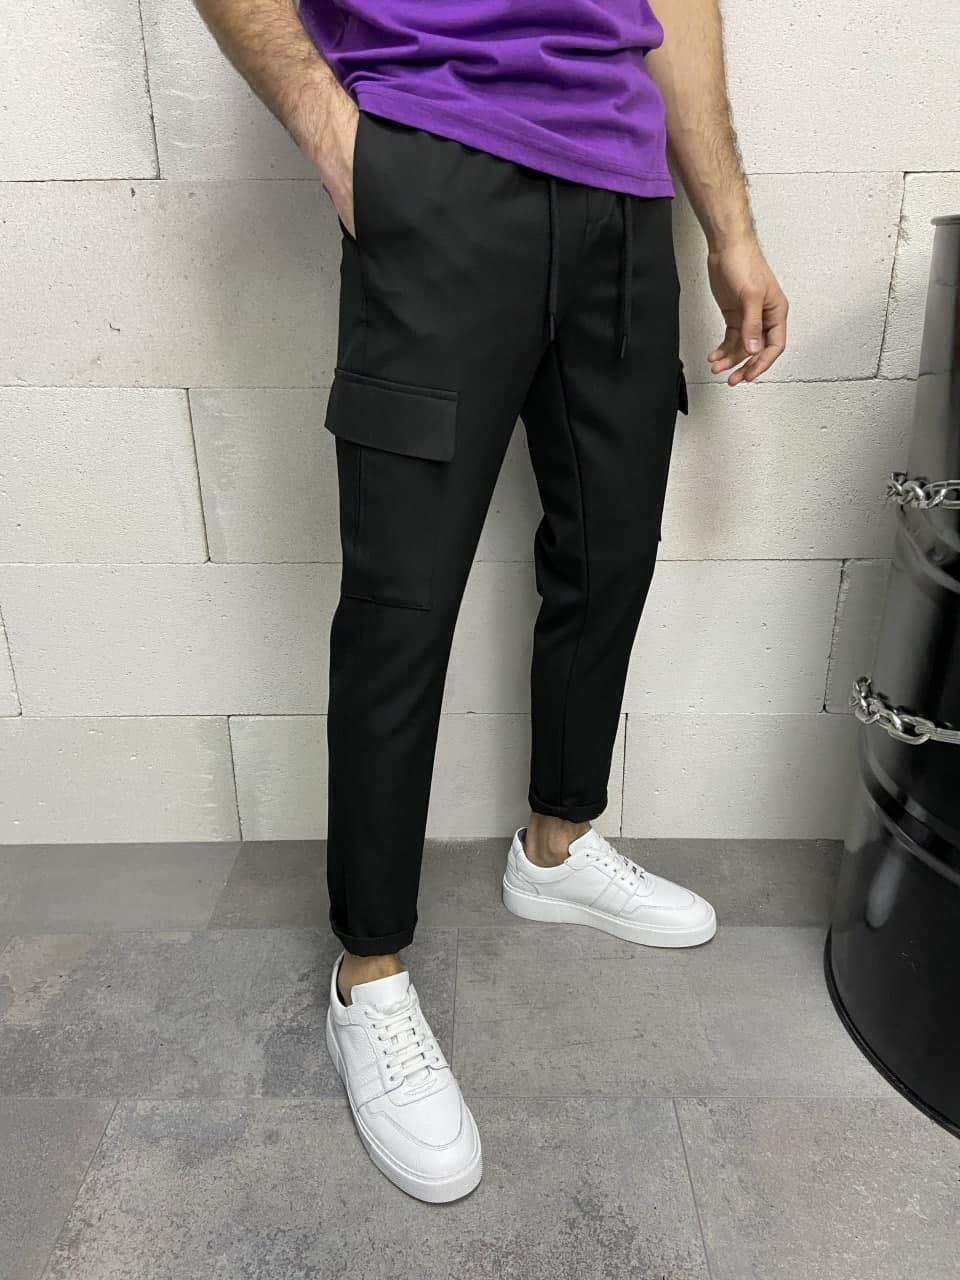 😜Спортивні штани - Чоловічі спортивки / чоловічі спортивки чорного кольору з кармаами